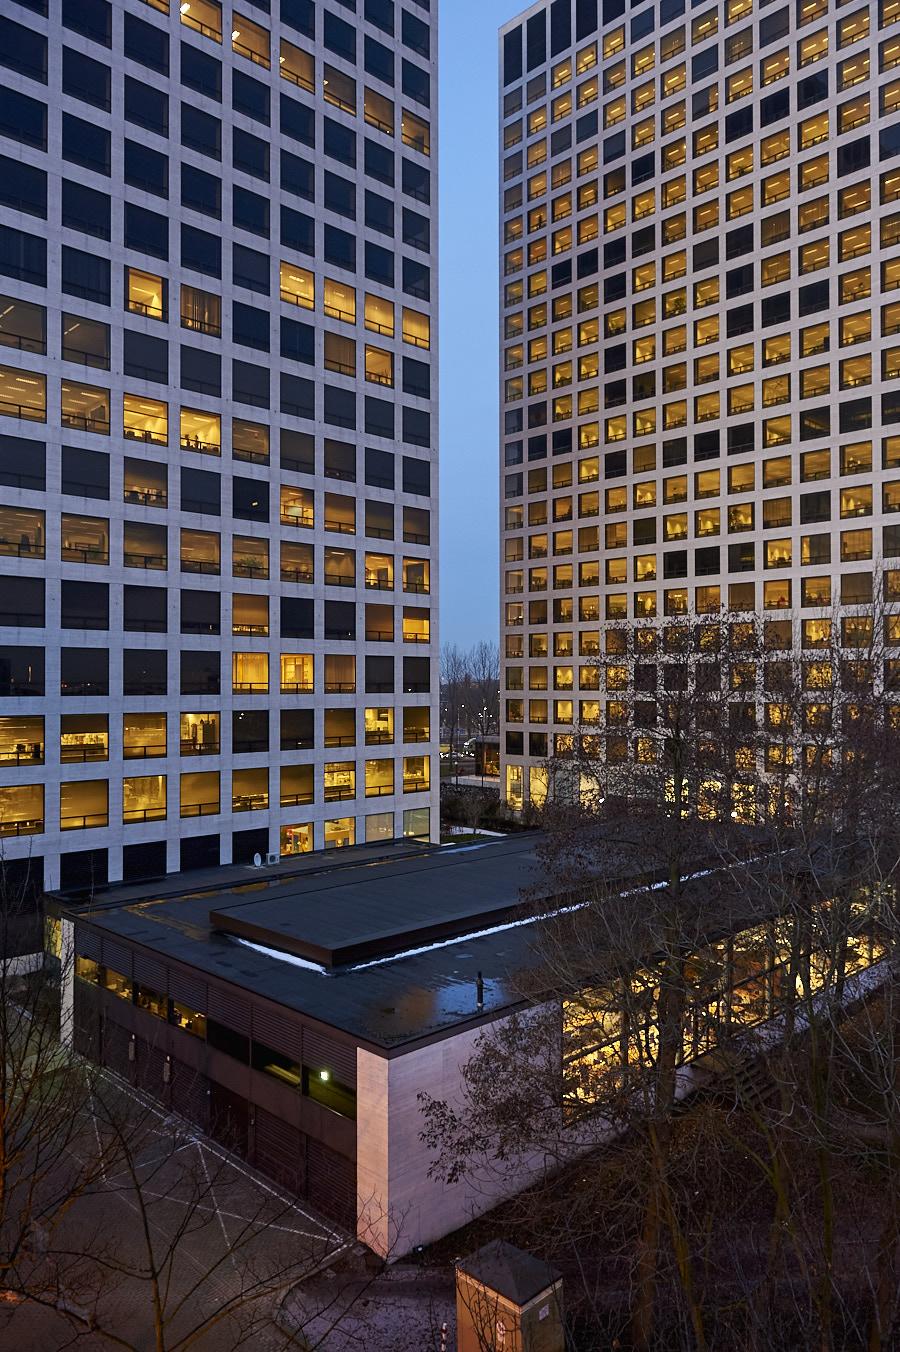 Rotterdam, Marconiplein, torens, Muelink en Grol, architectuur, Frank Penders, fotografie